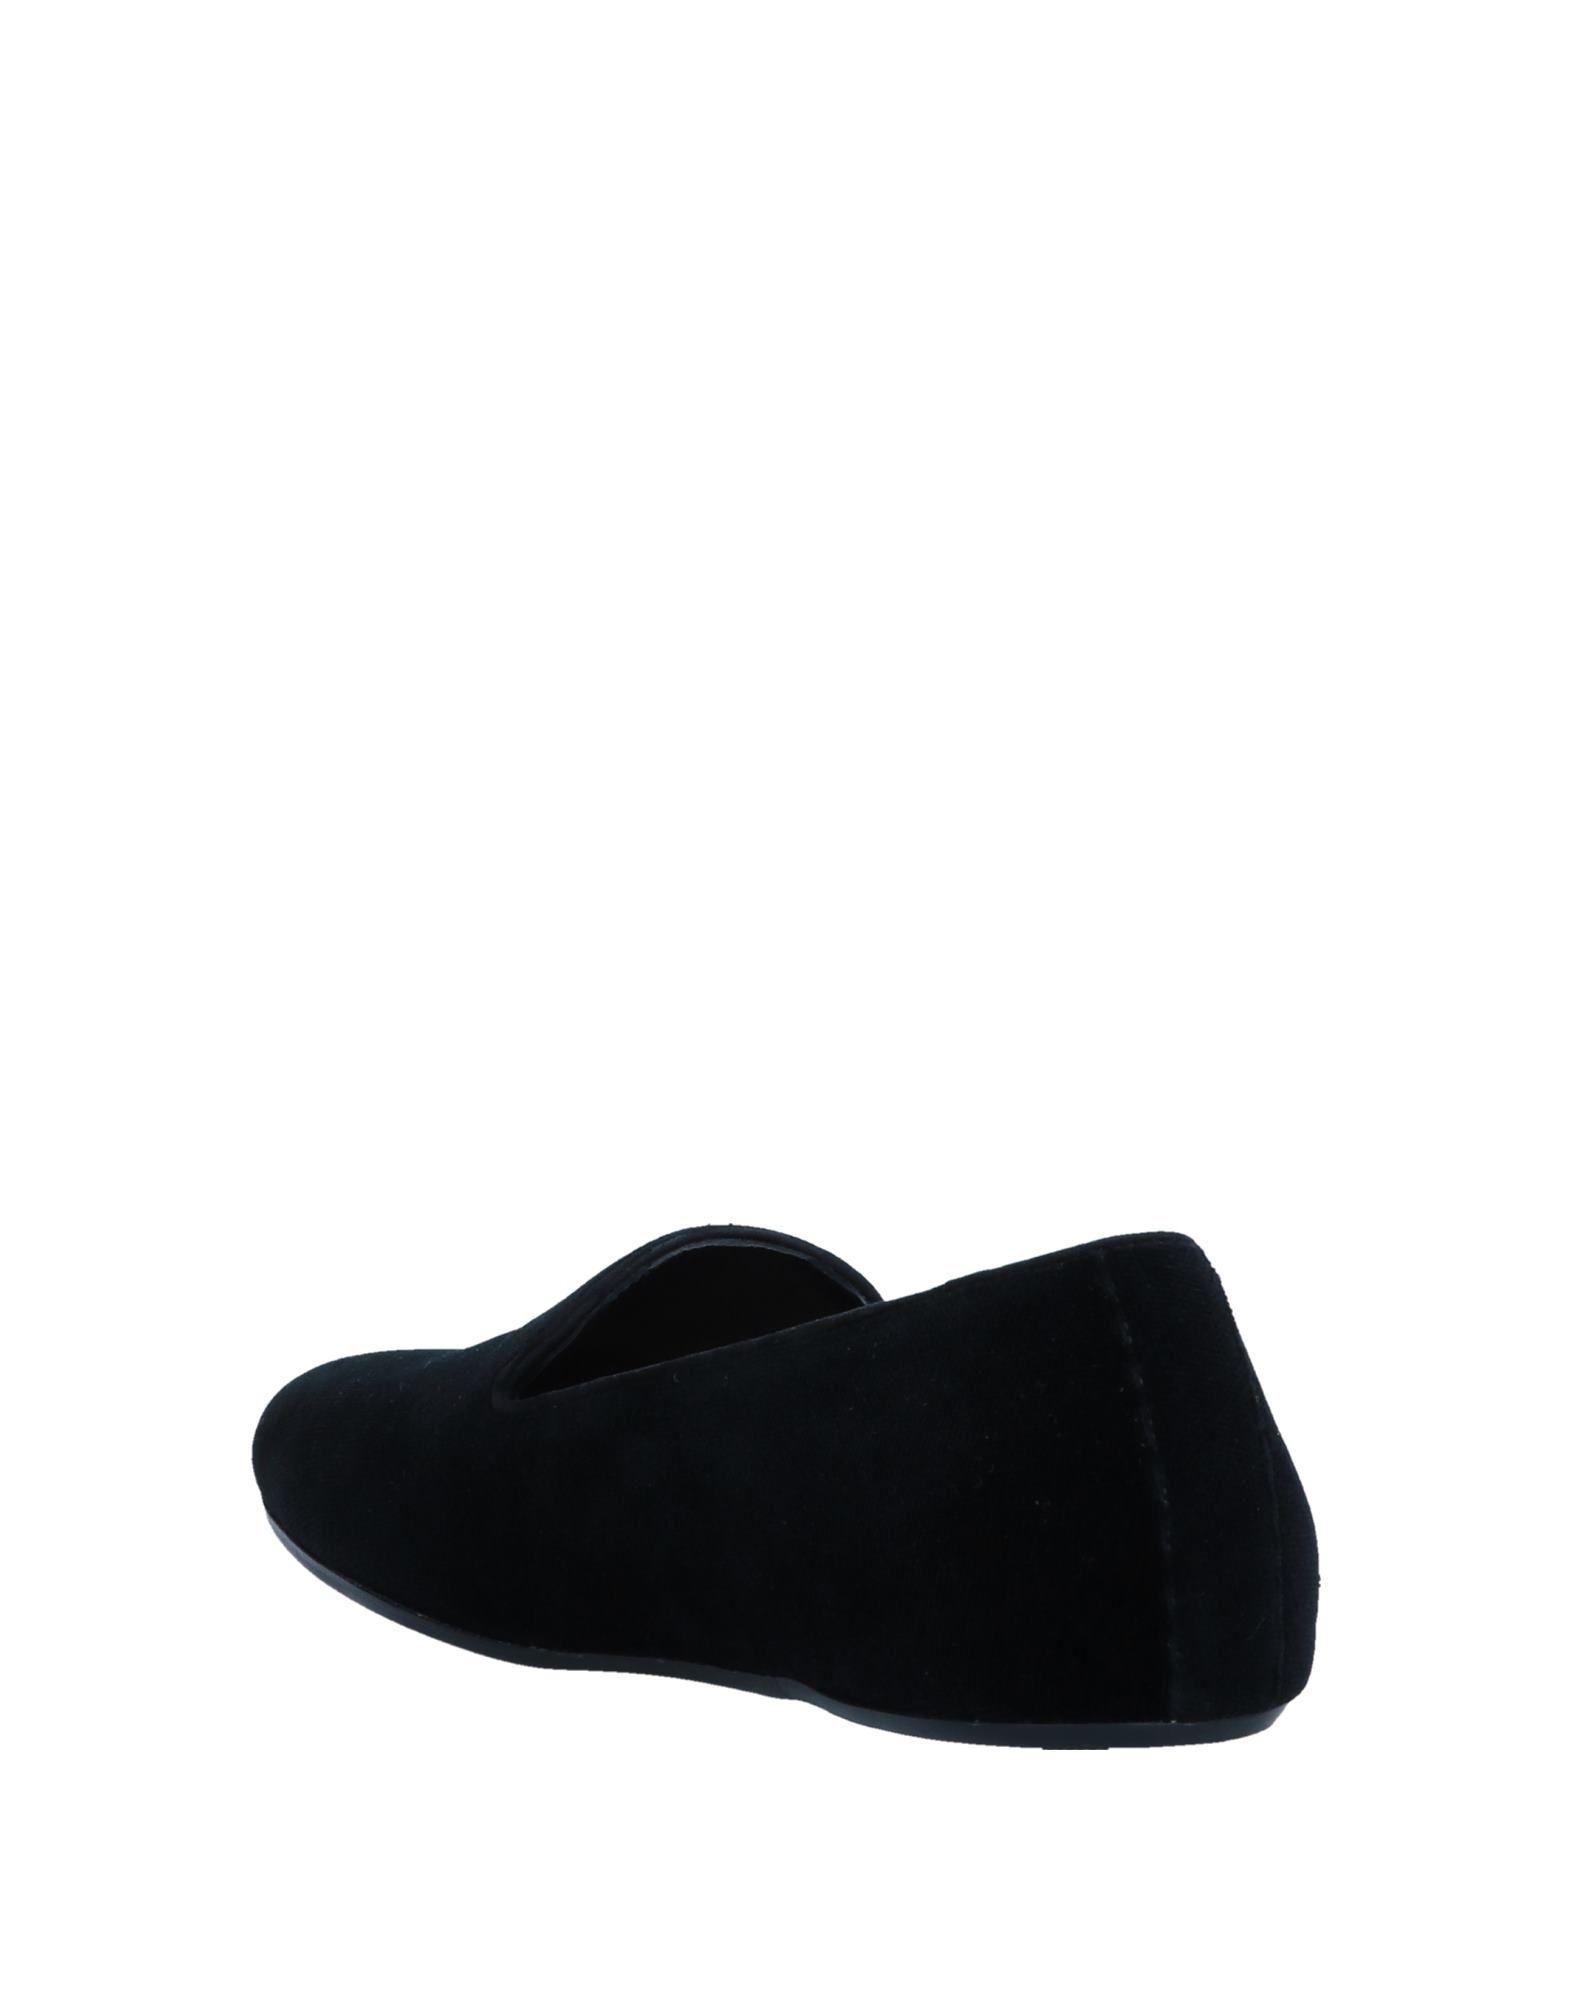 Dolce & Gabbana Loafers - Men Dolce & Gabbana Gabbana Gabbana Loafers online on  Canada - 11551997FJ 34b0cc